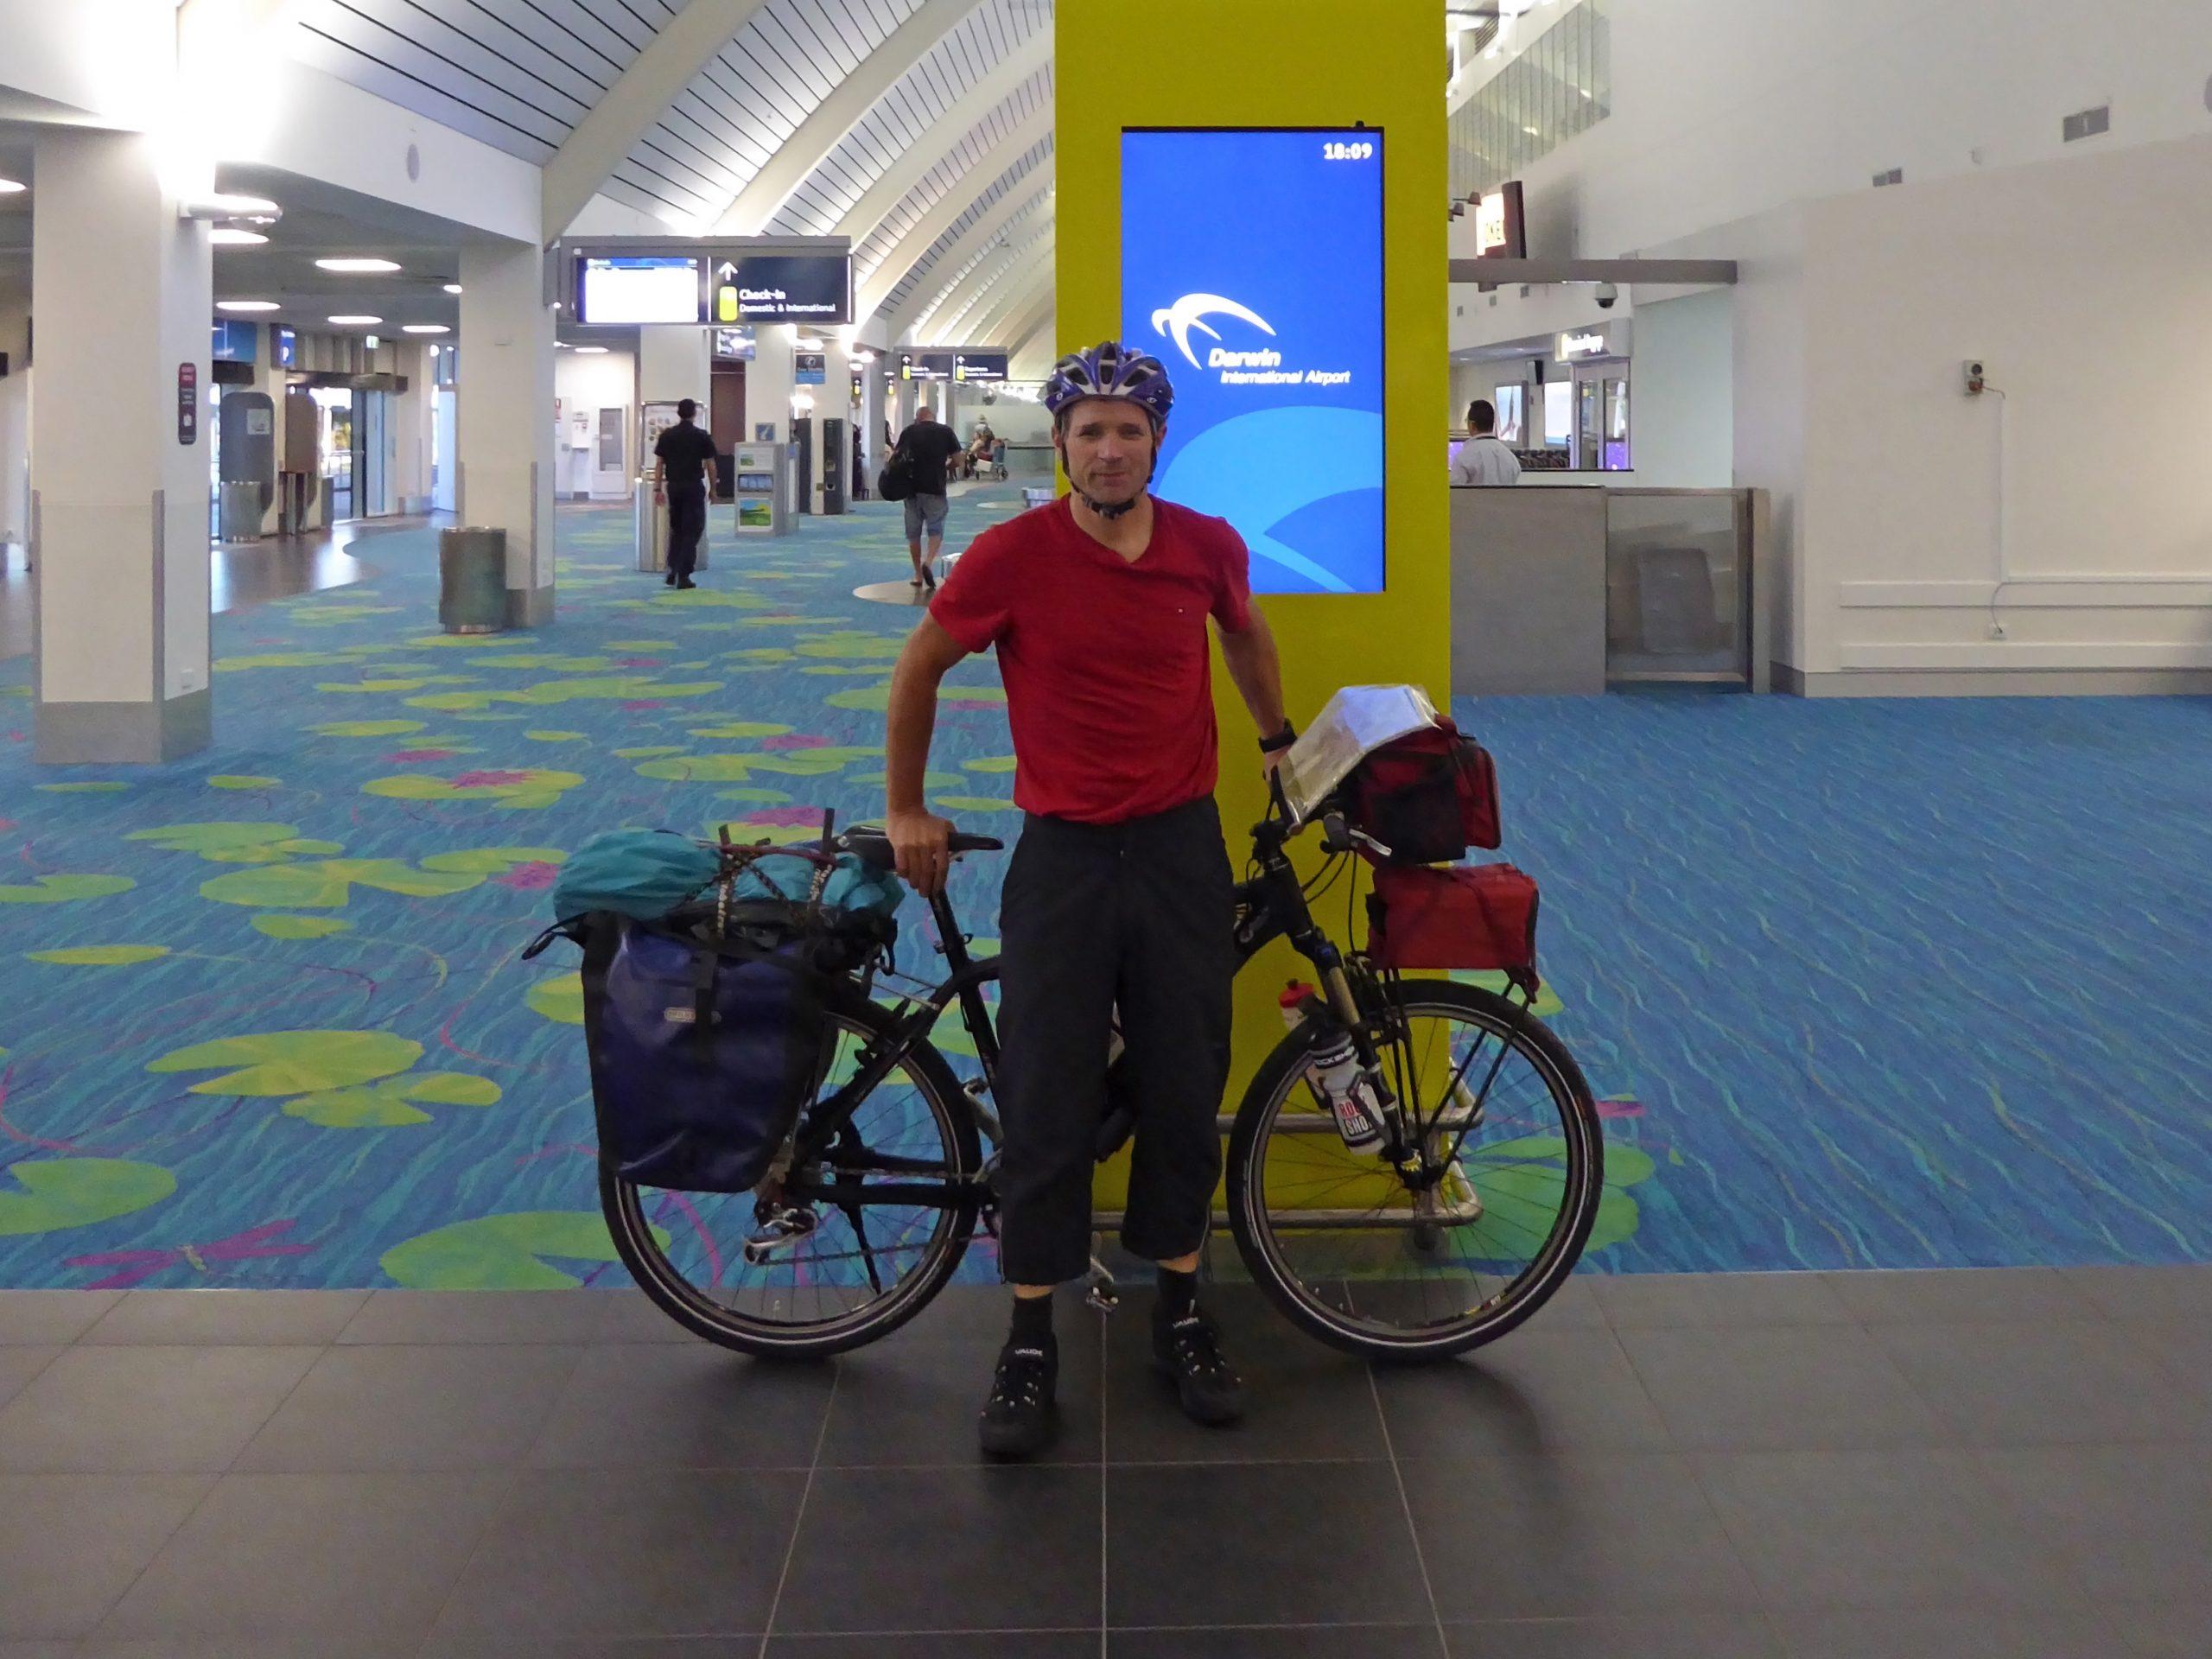 Radreise Australien 2016 - Abfahrt Darwin Airport